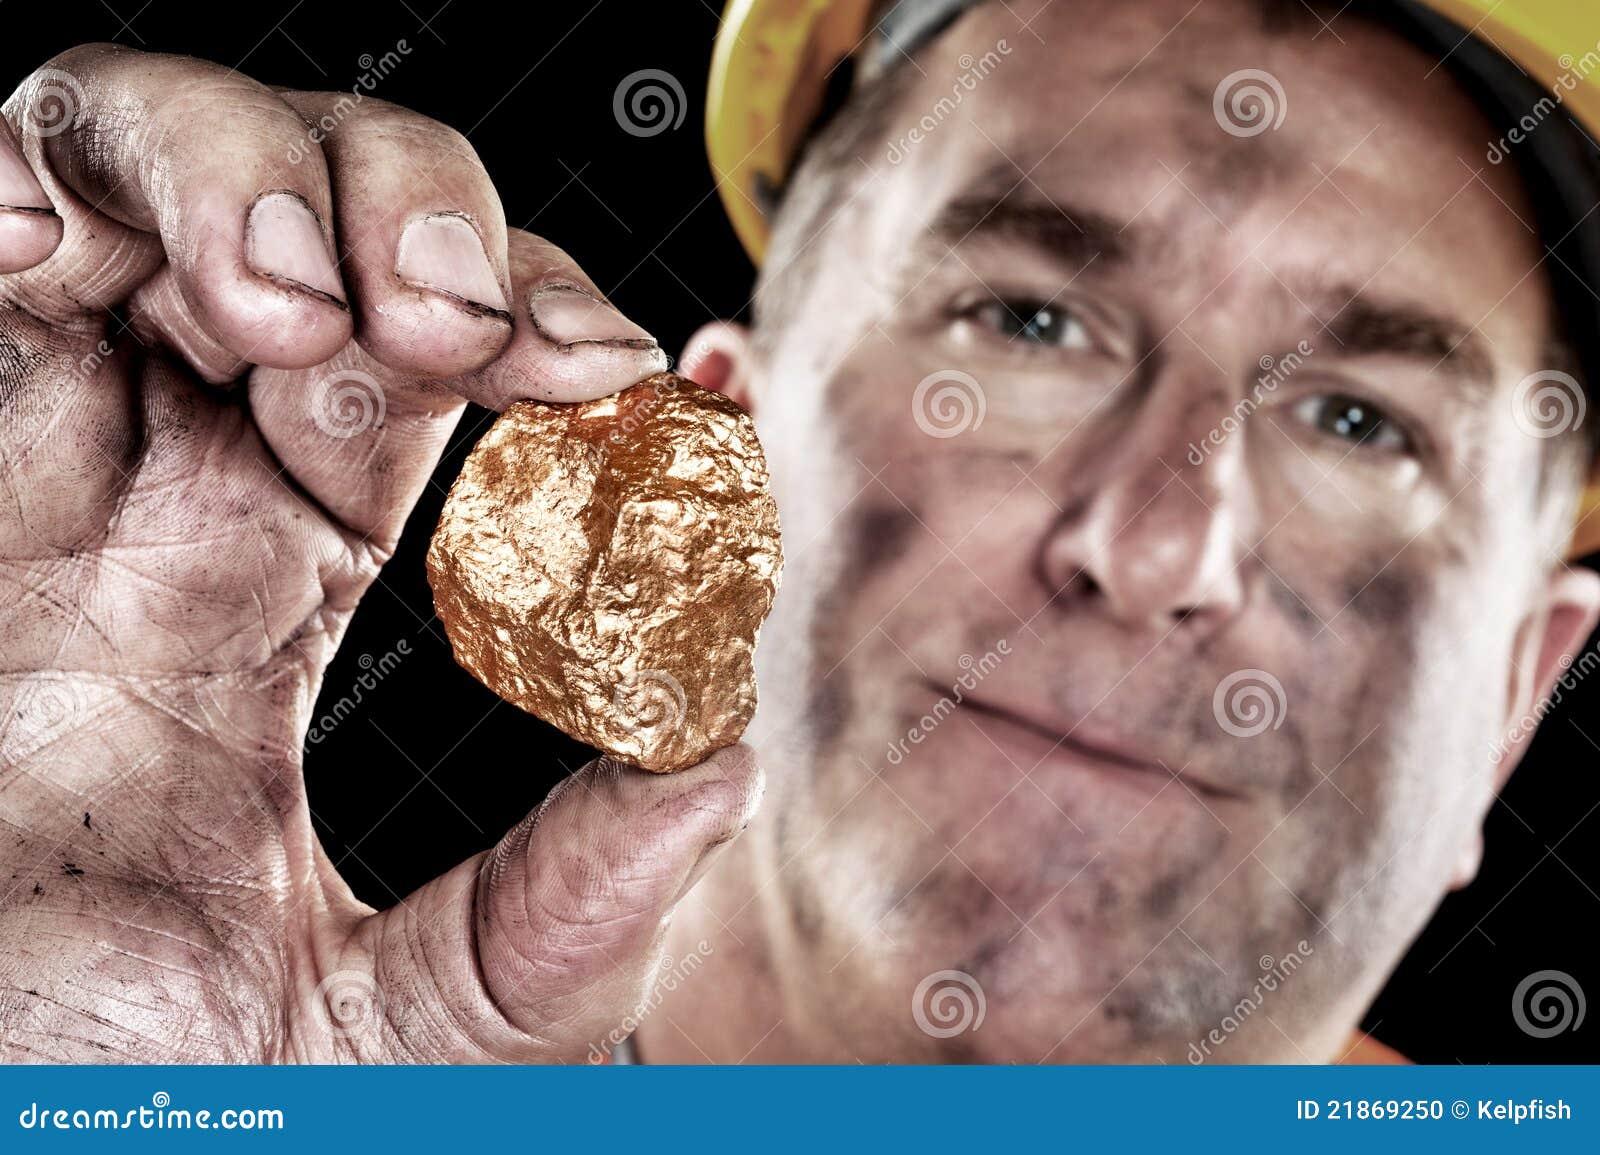 采金矿工矿块